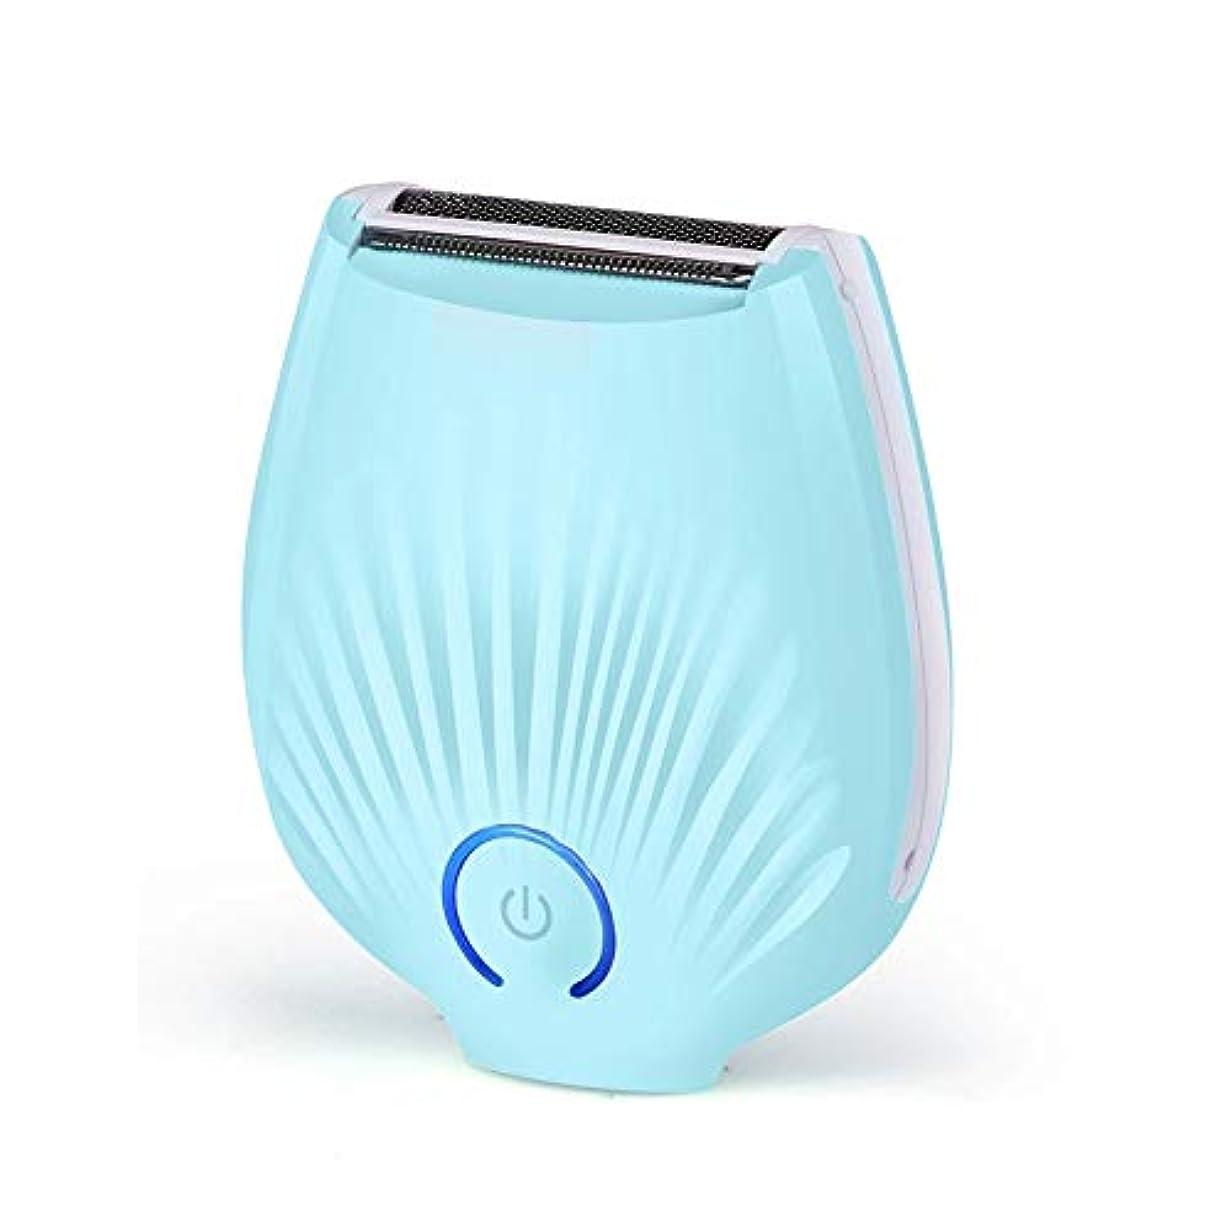 組法律により突破口レディーヘアリムーバー、USB防水電気シェーバー、女性のシェービング脚のヘアナイフ  脇の下専用パーツシェーバー(ピンク、ブルー),Blue